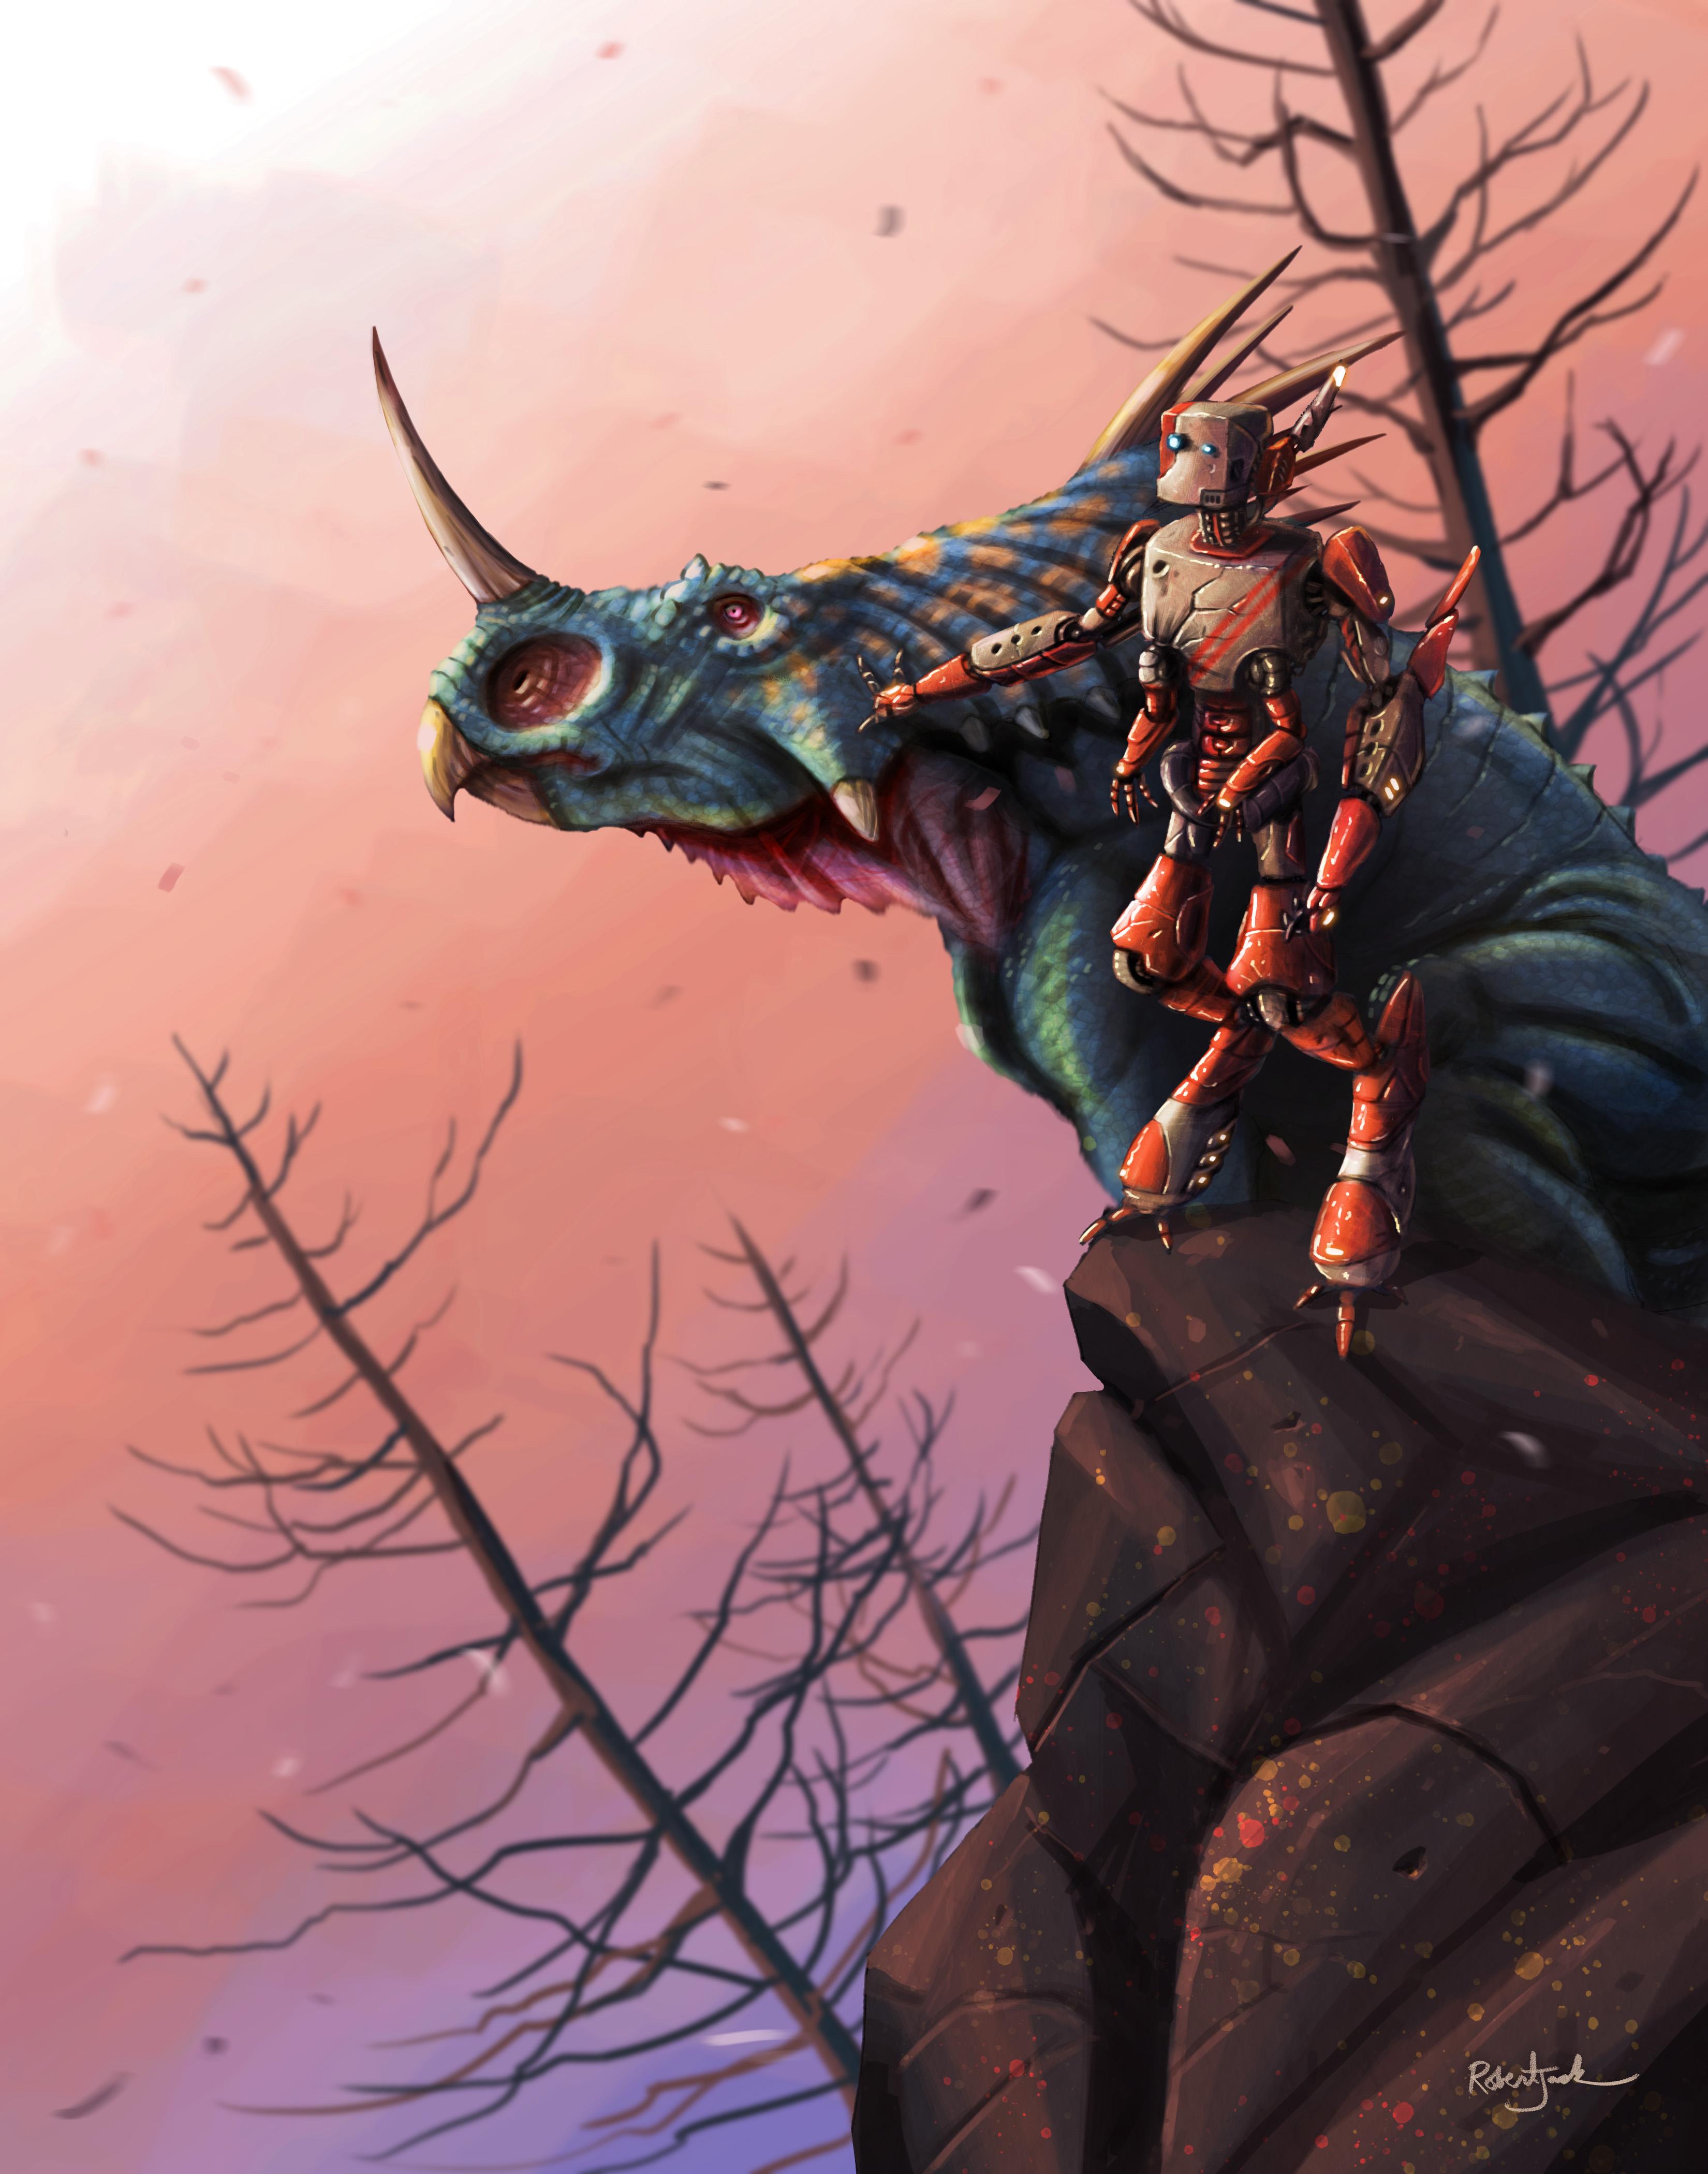 Robot and Styracosaurus